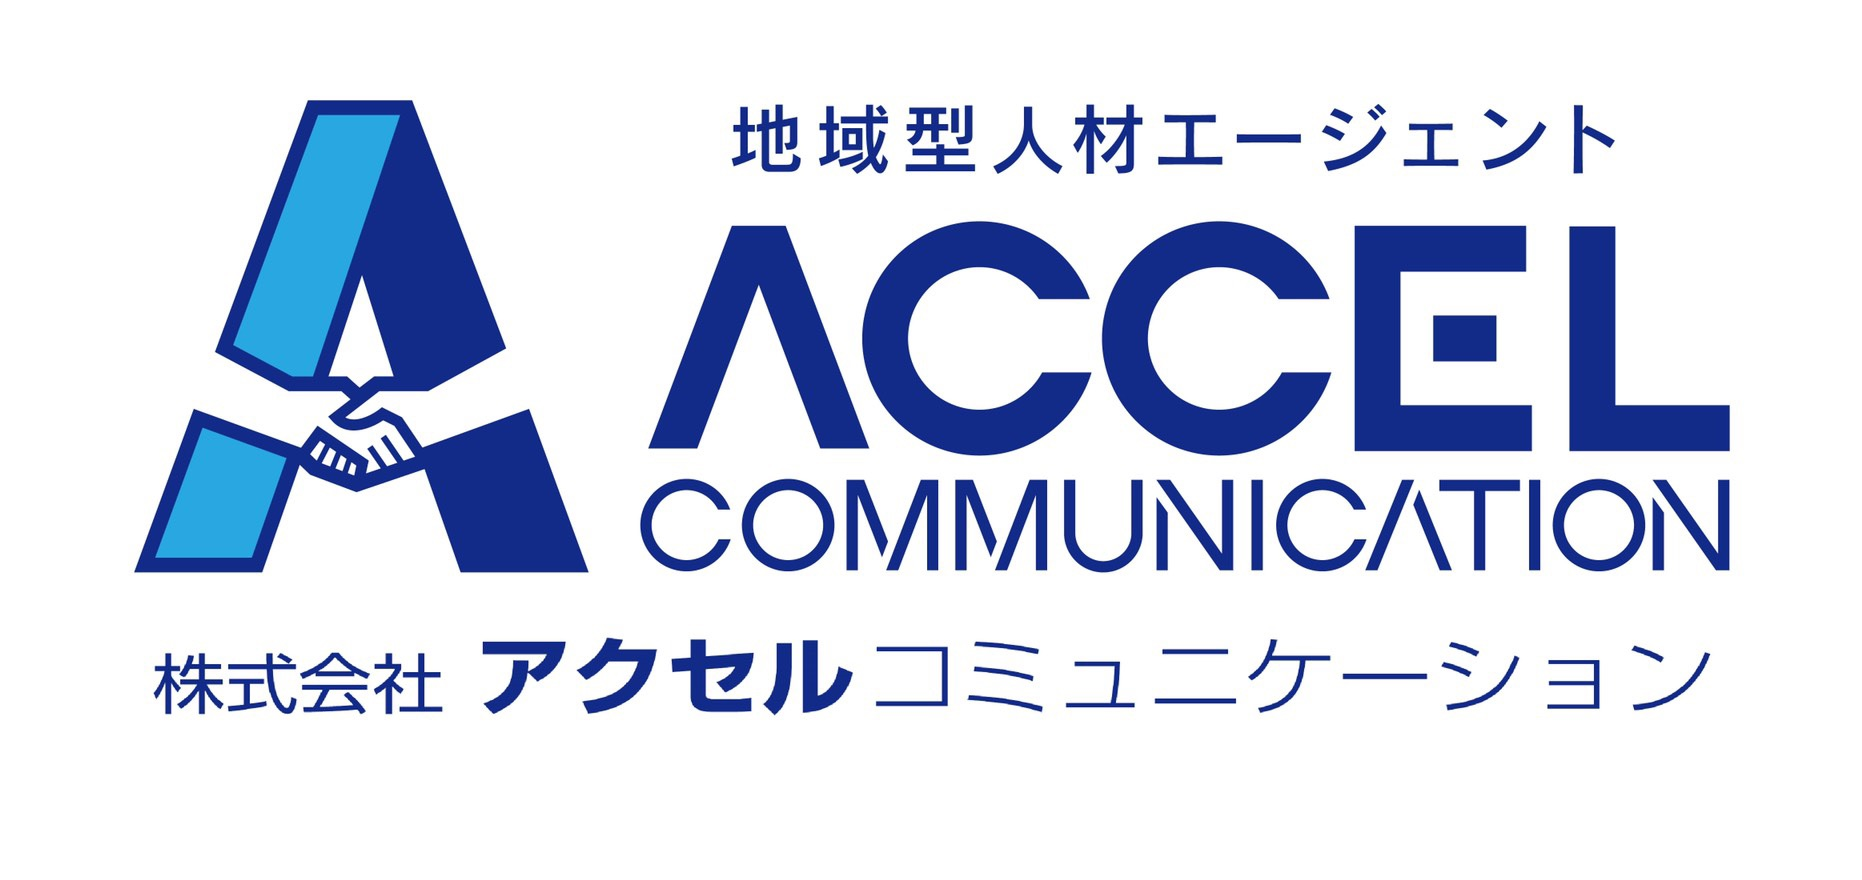 株式会社アクセルコミュニケーション